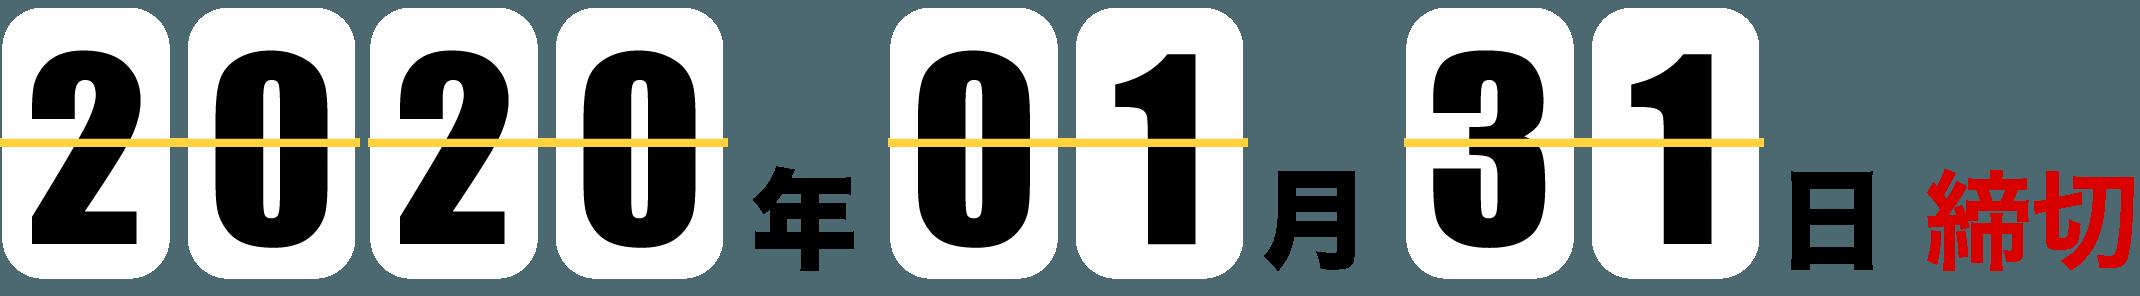 2020年01月31日締切